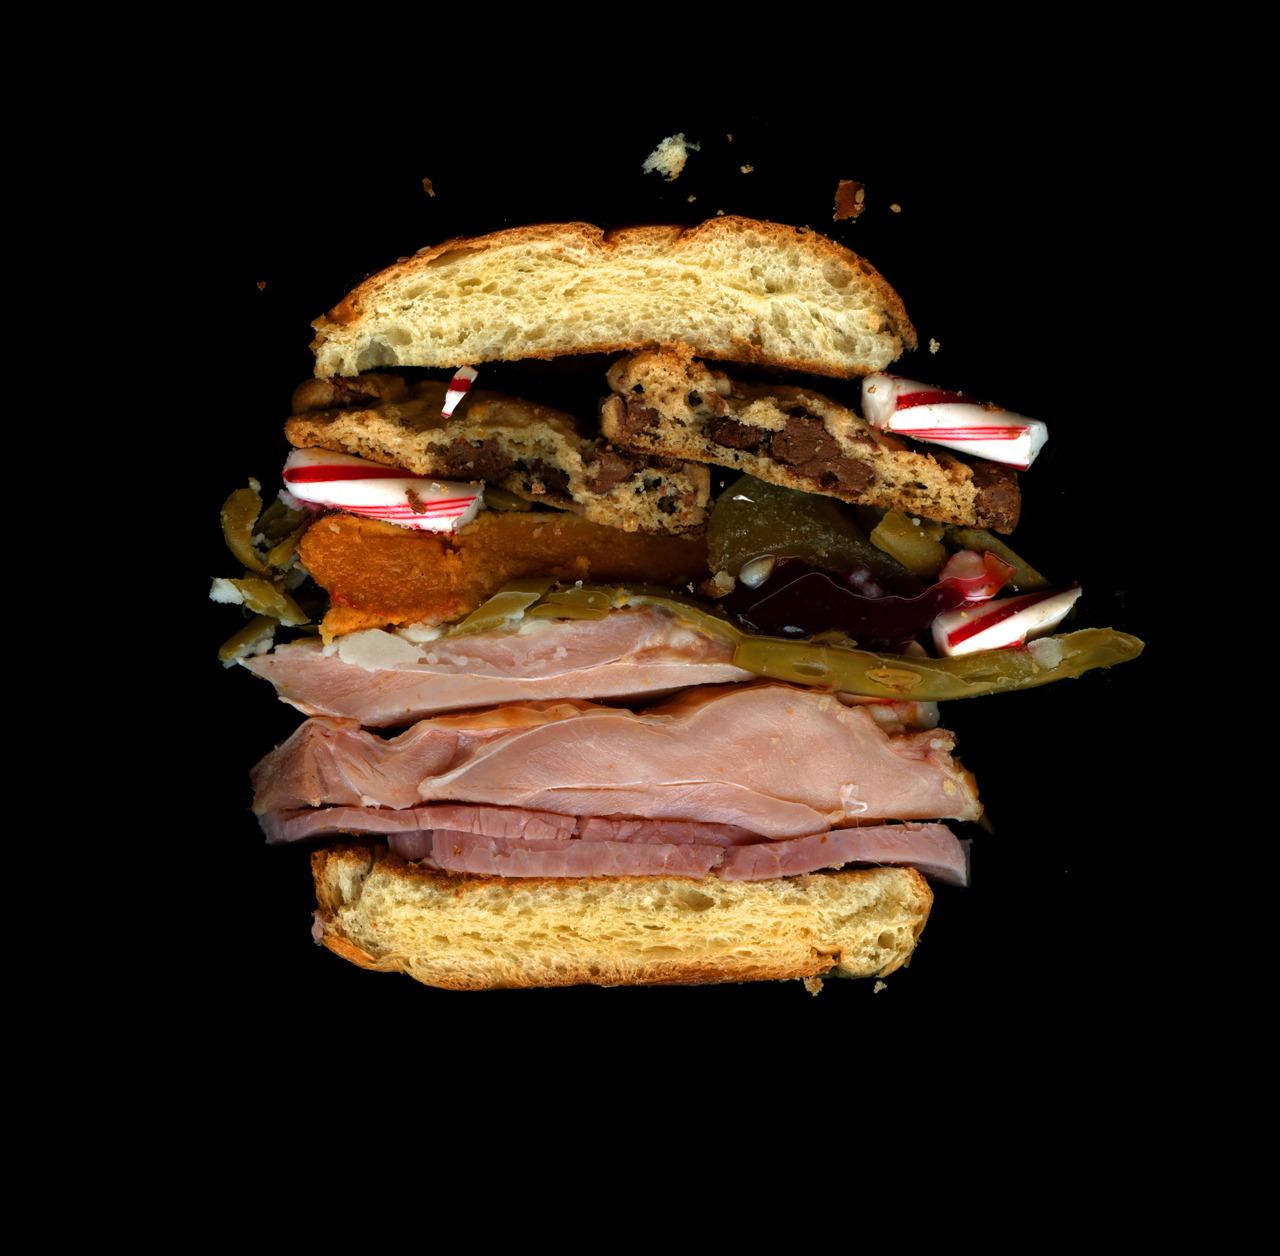 美味しそうなサンドウィッチの断面図11